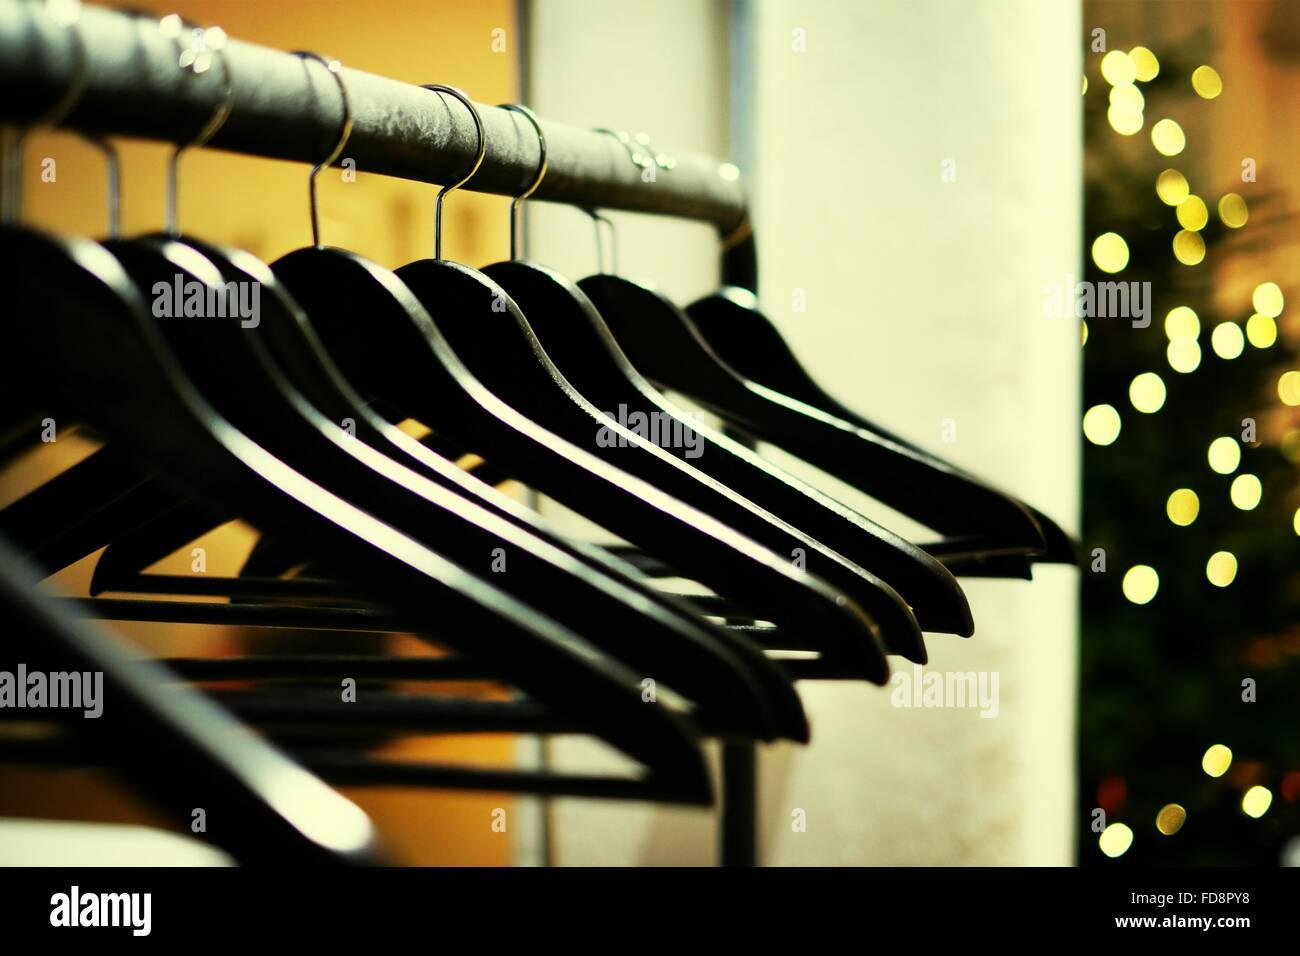 Coat Hangars On Metal Rod Against Defocused Christmas Lights In Office Stock Photo